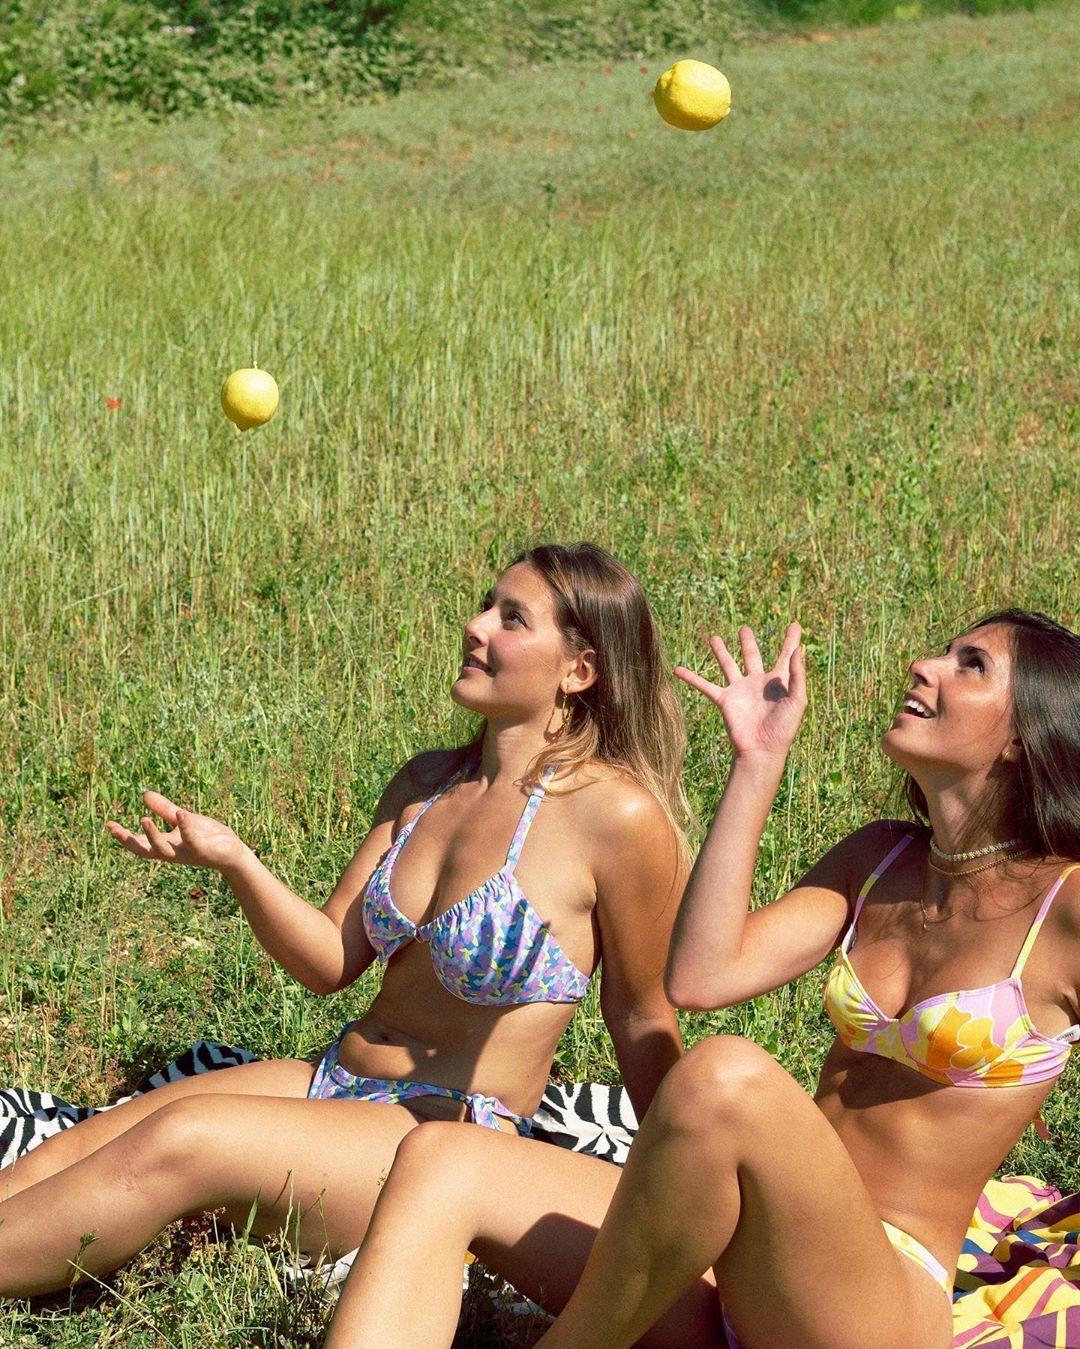 La firma Laagam reivindica los cuerpos naturales en las fotos sin retocar de sus nuevos bikinis